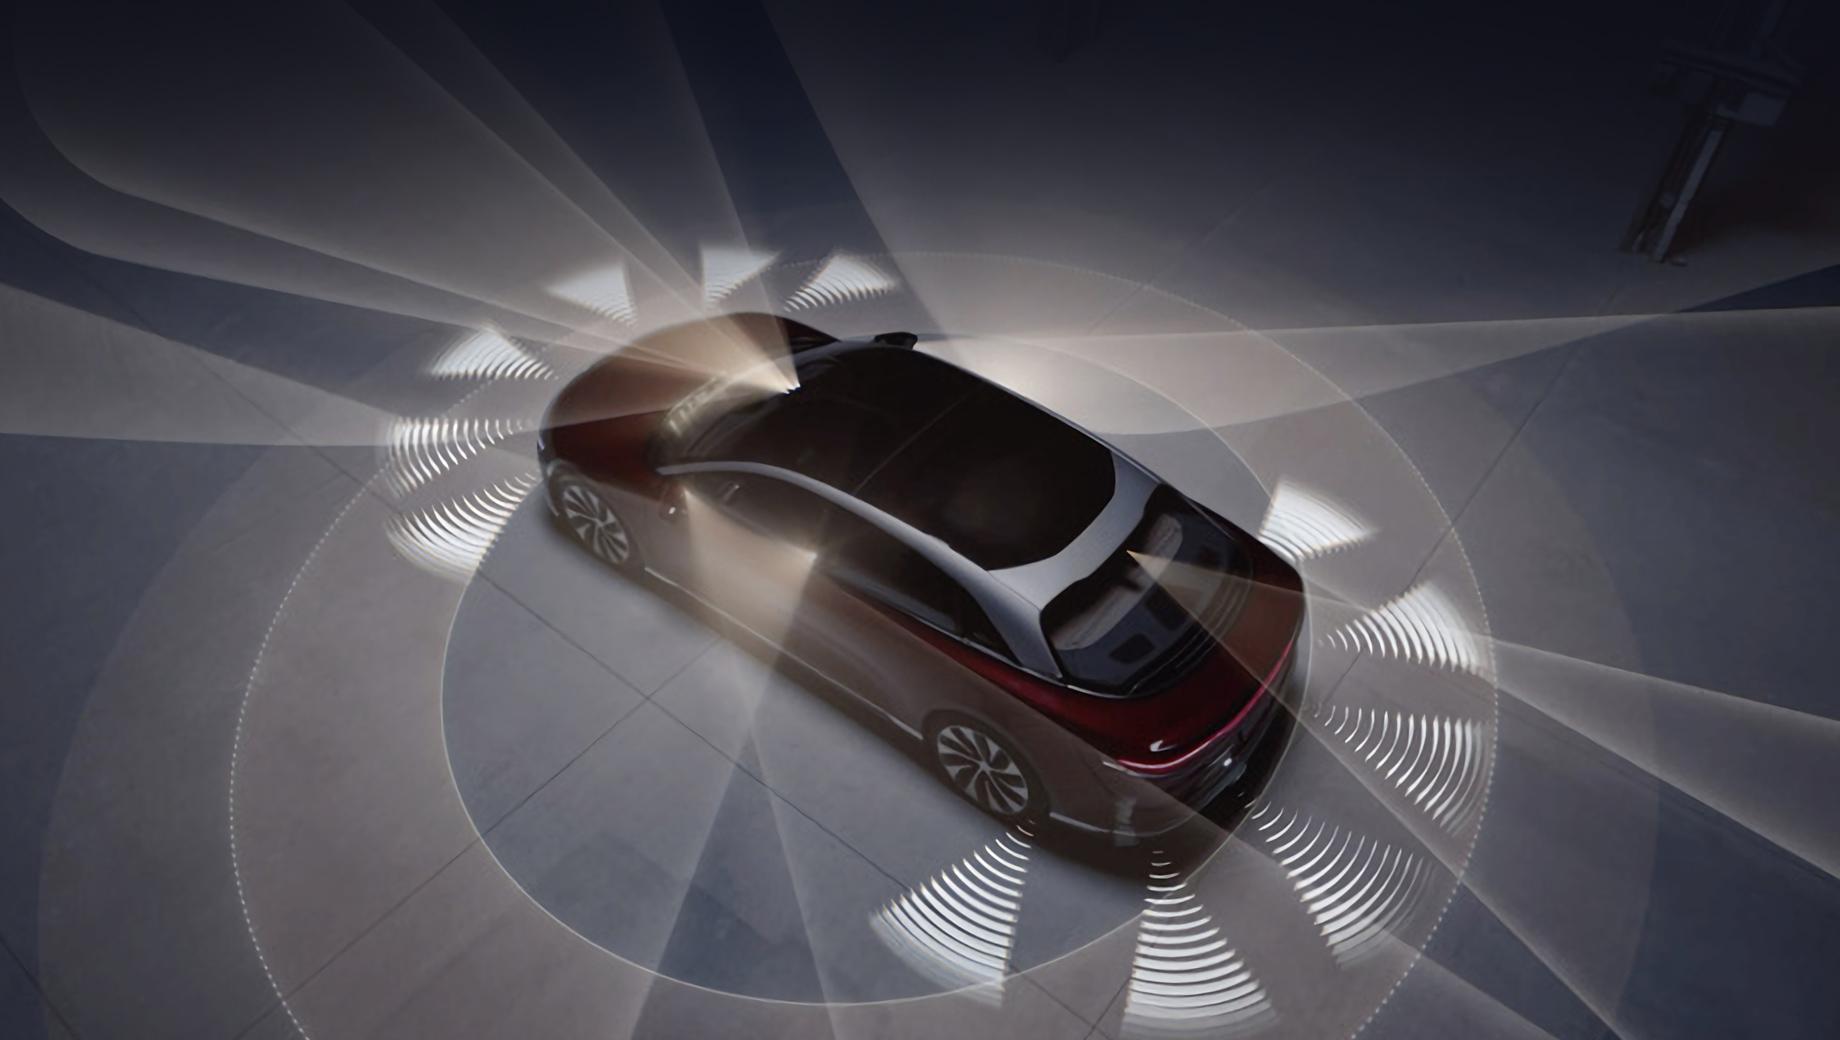 Автопилот Lucid DreamDrive будет обновляться по воздуху